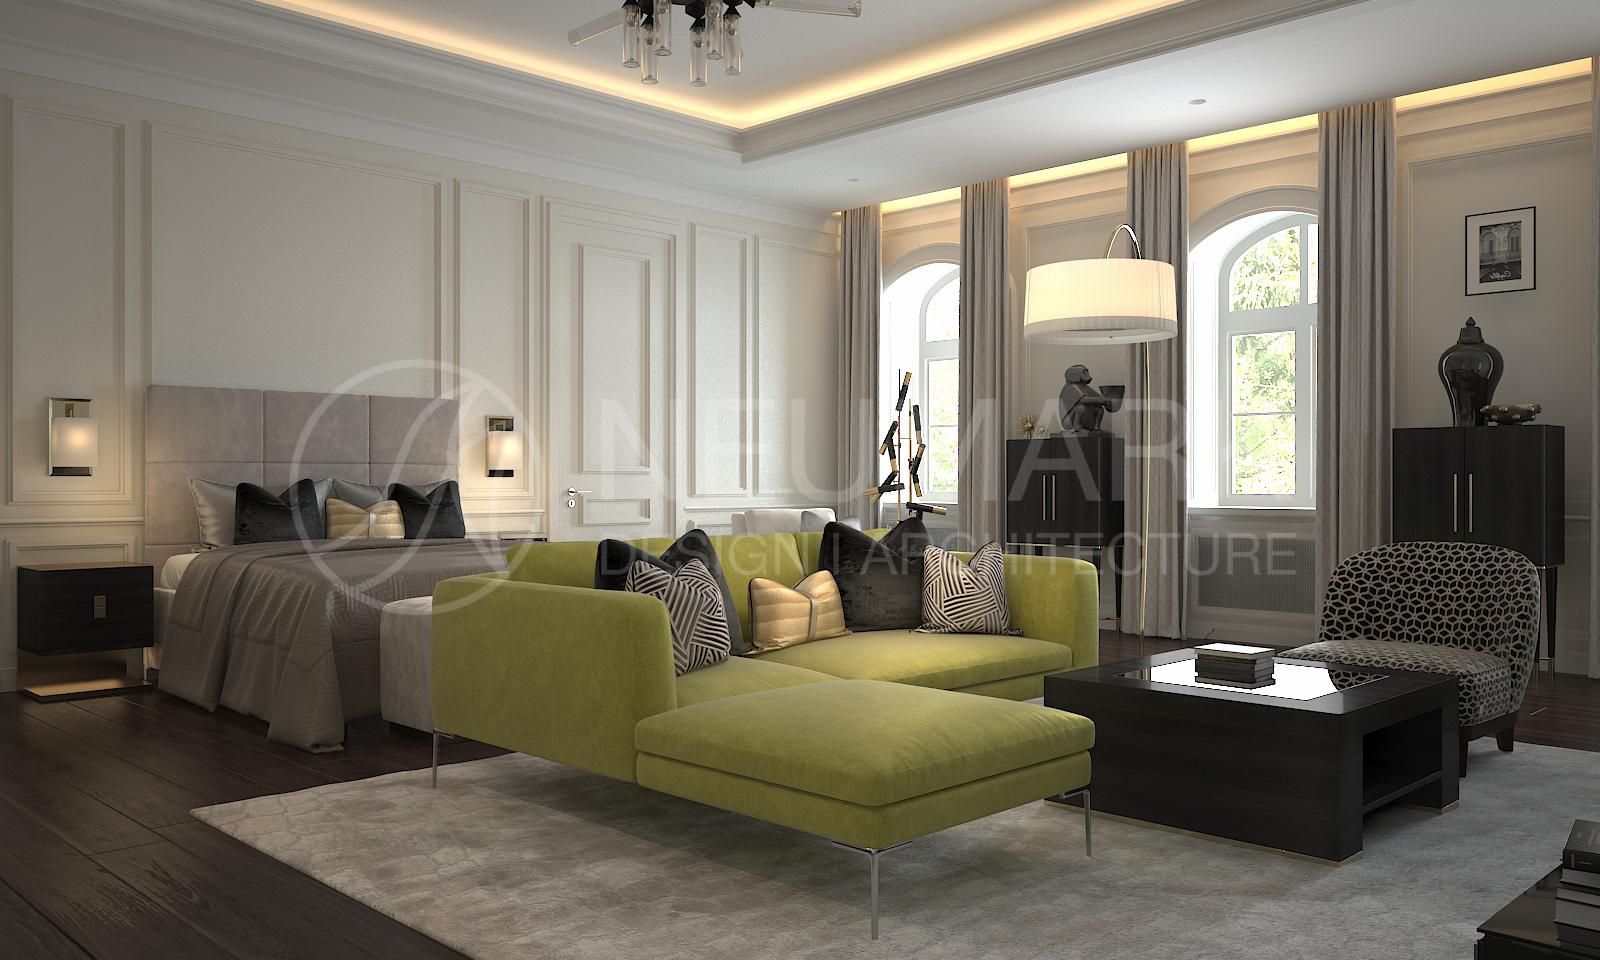 NEUMARK NEUMARK Design: Дом на Рублево-Успенском Шоссе 9 Dovil